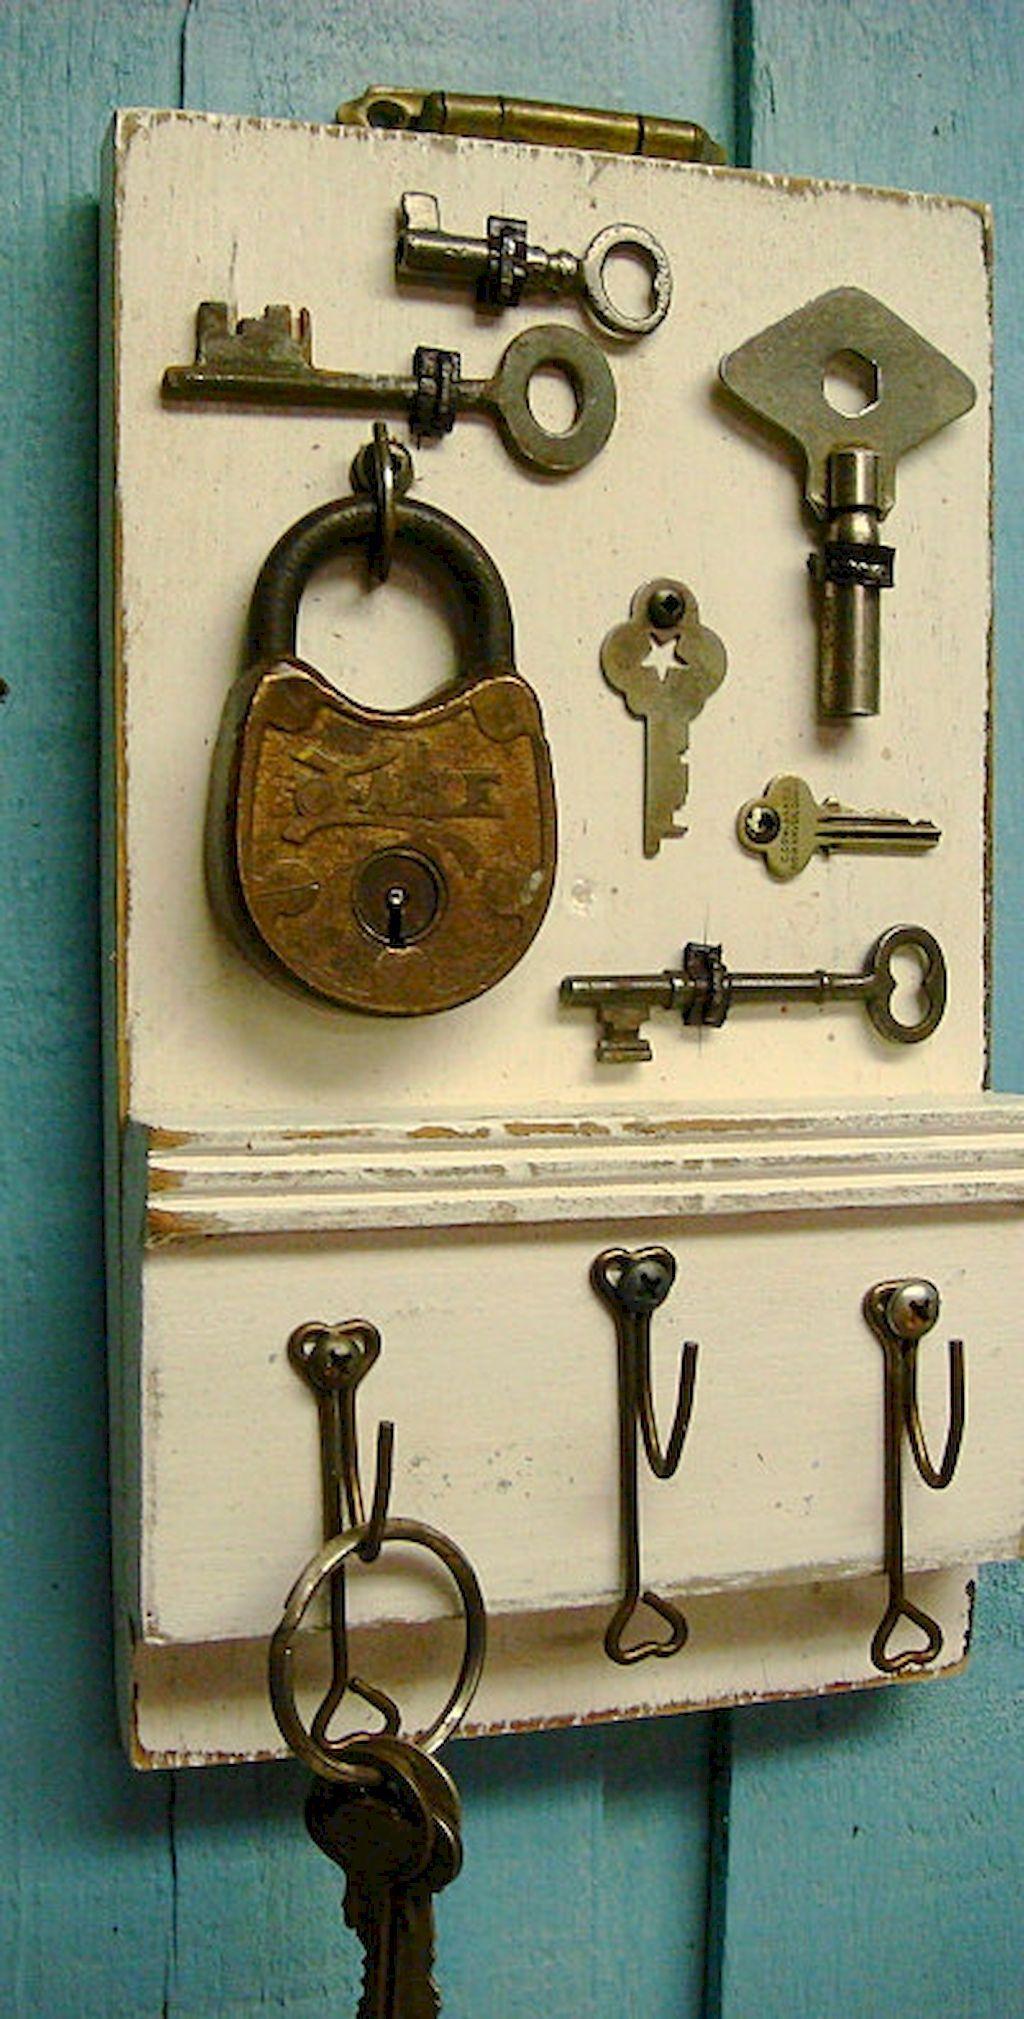 55 Rustic Key Holder Organized Ideas